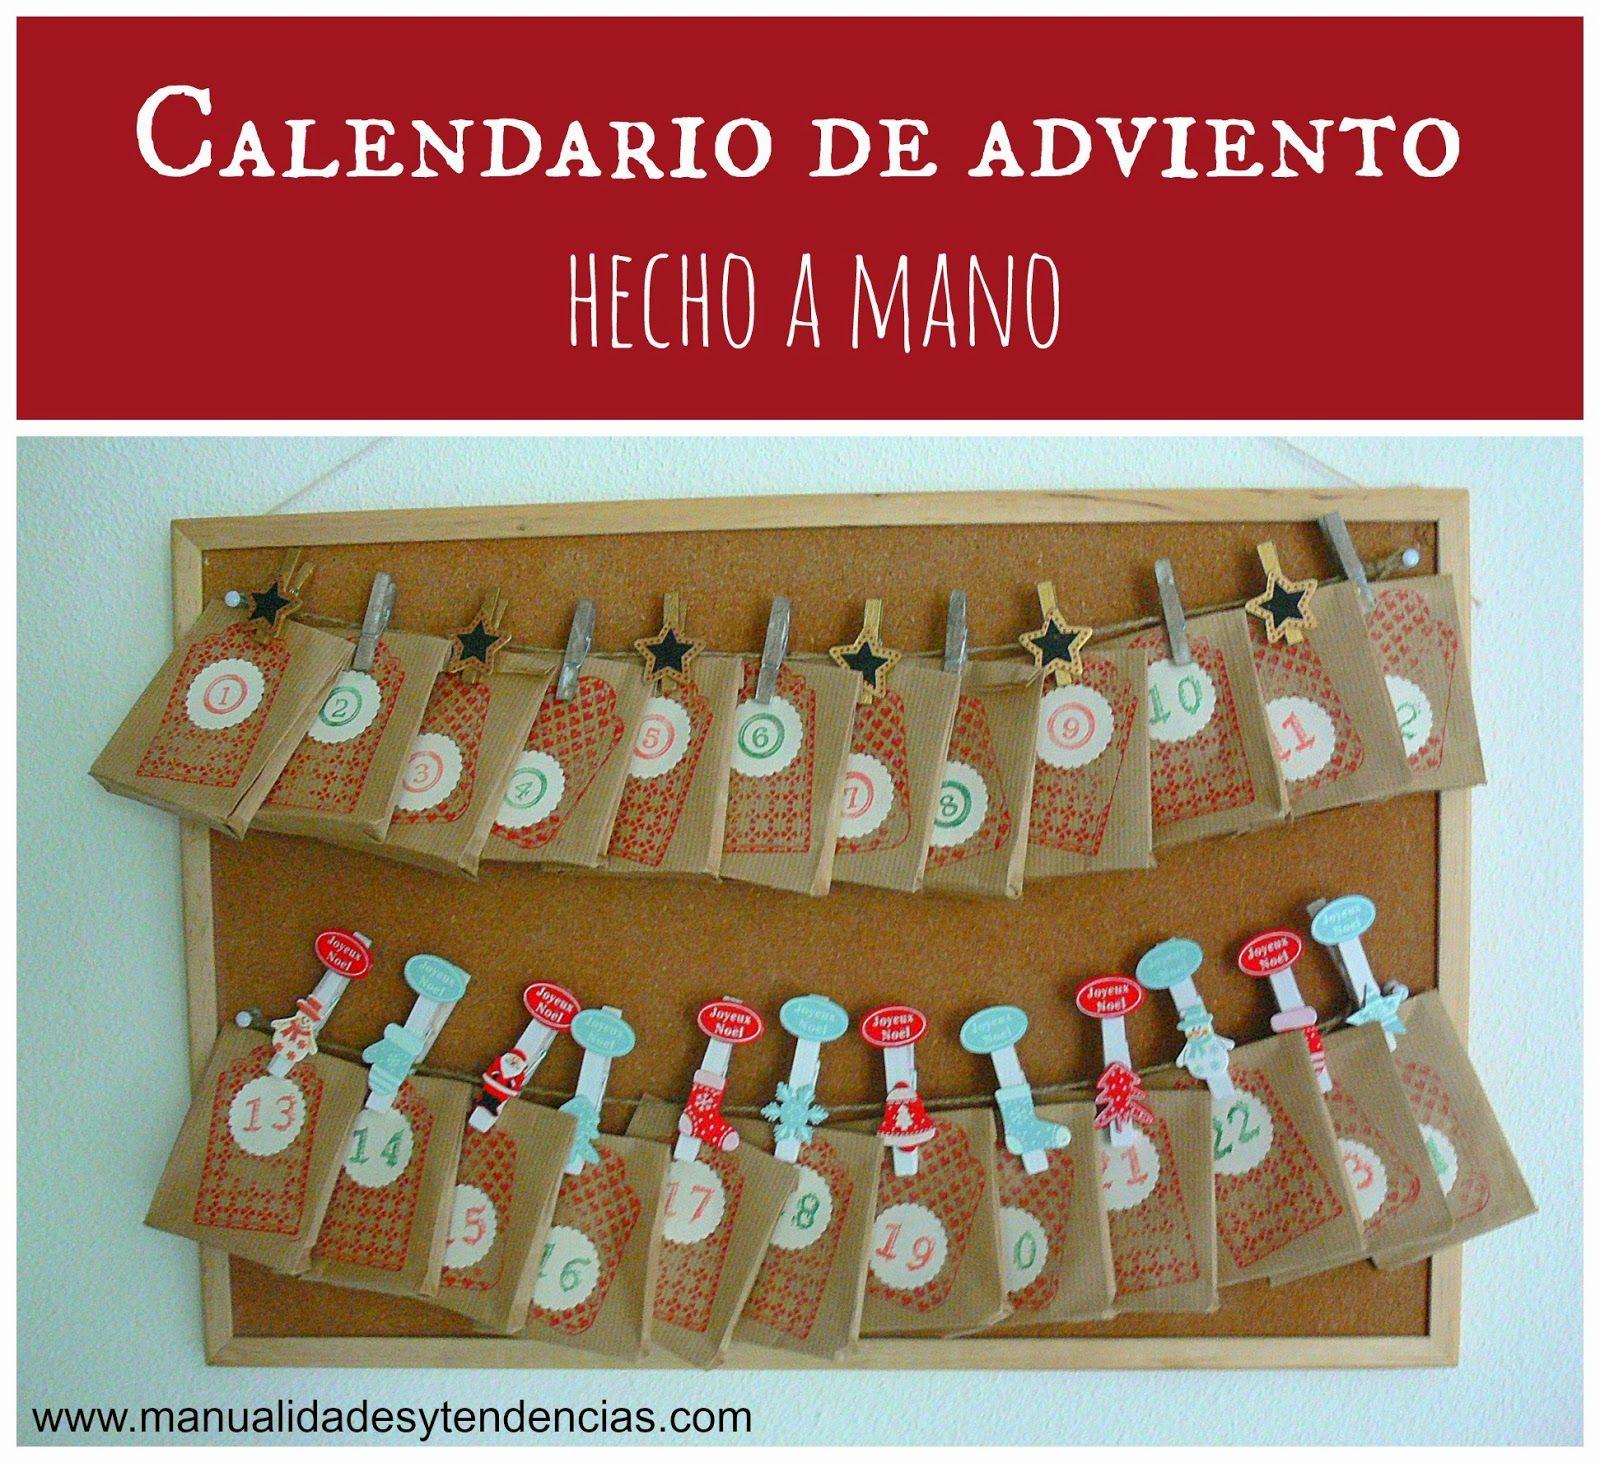 Calendario De Adviento Hecho A Mano Manualidades Decoraci N